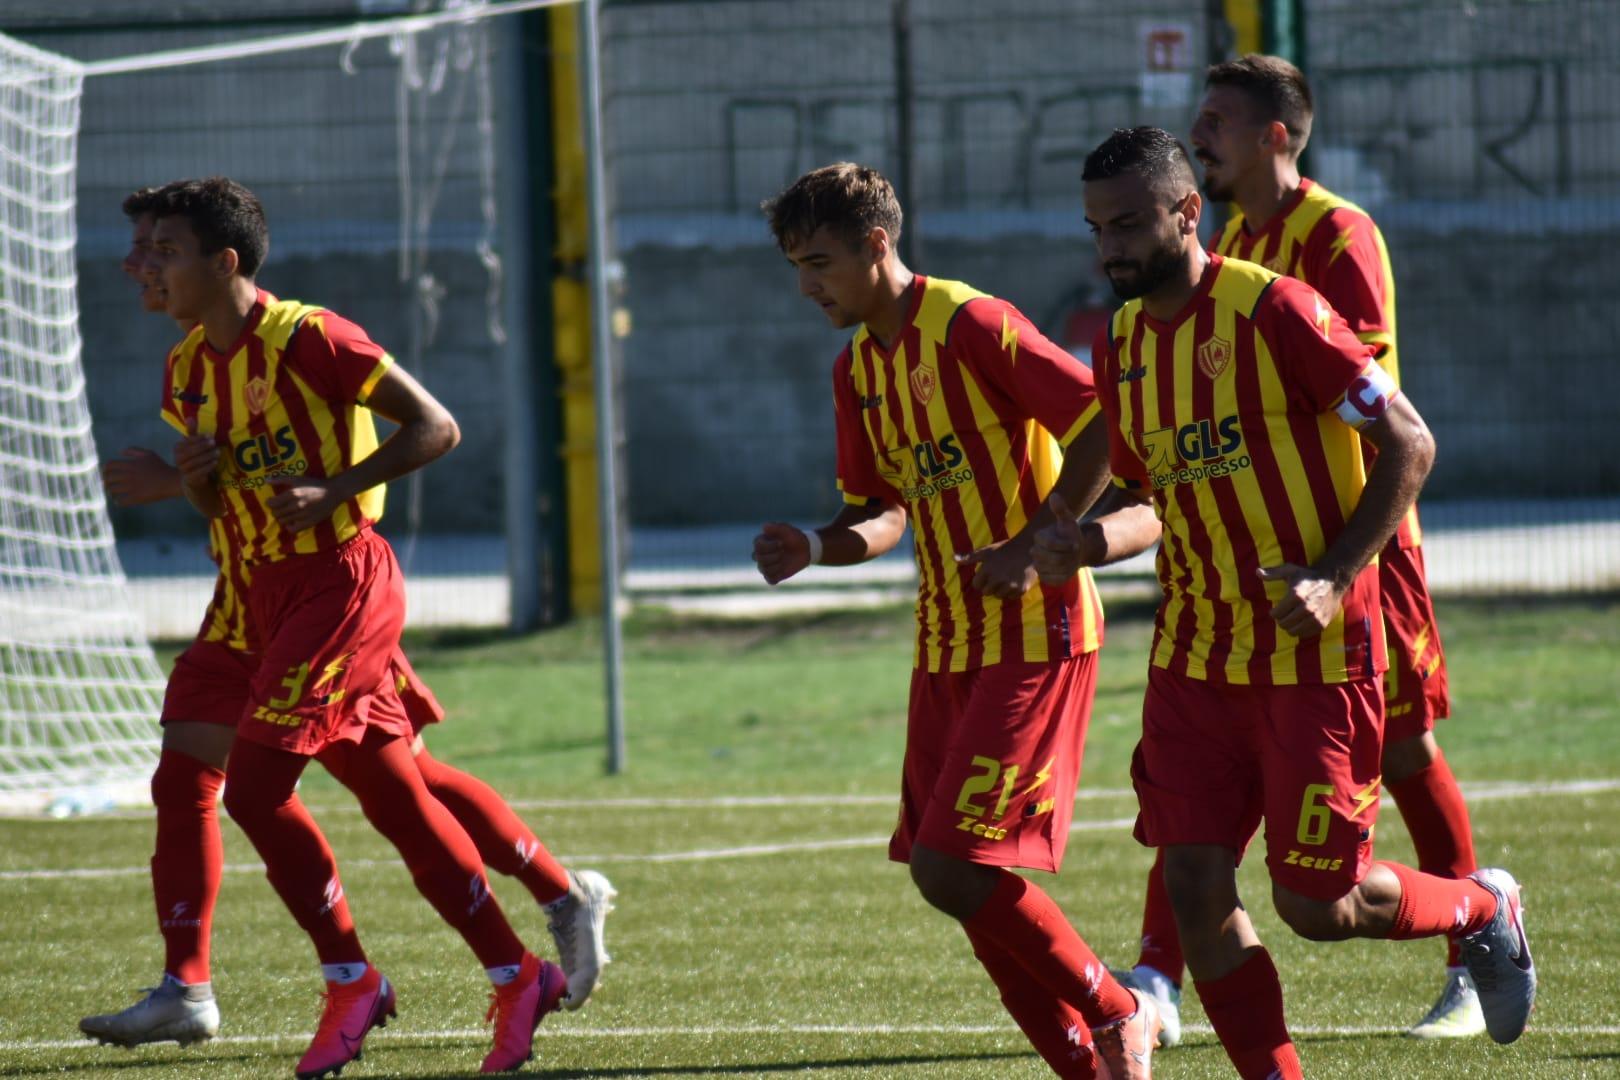 Polisportiva Santa Maria 4-0 Rotonda, la sintesi